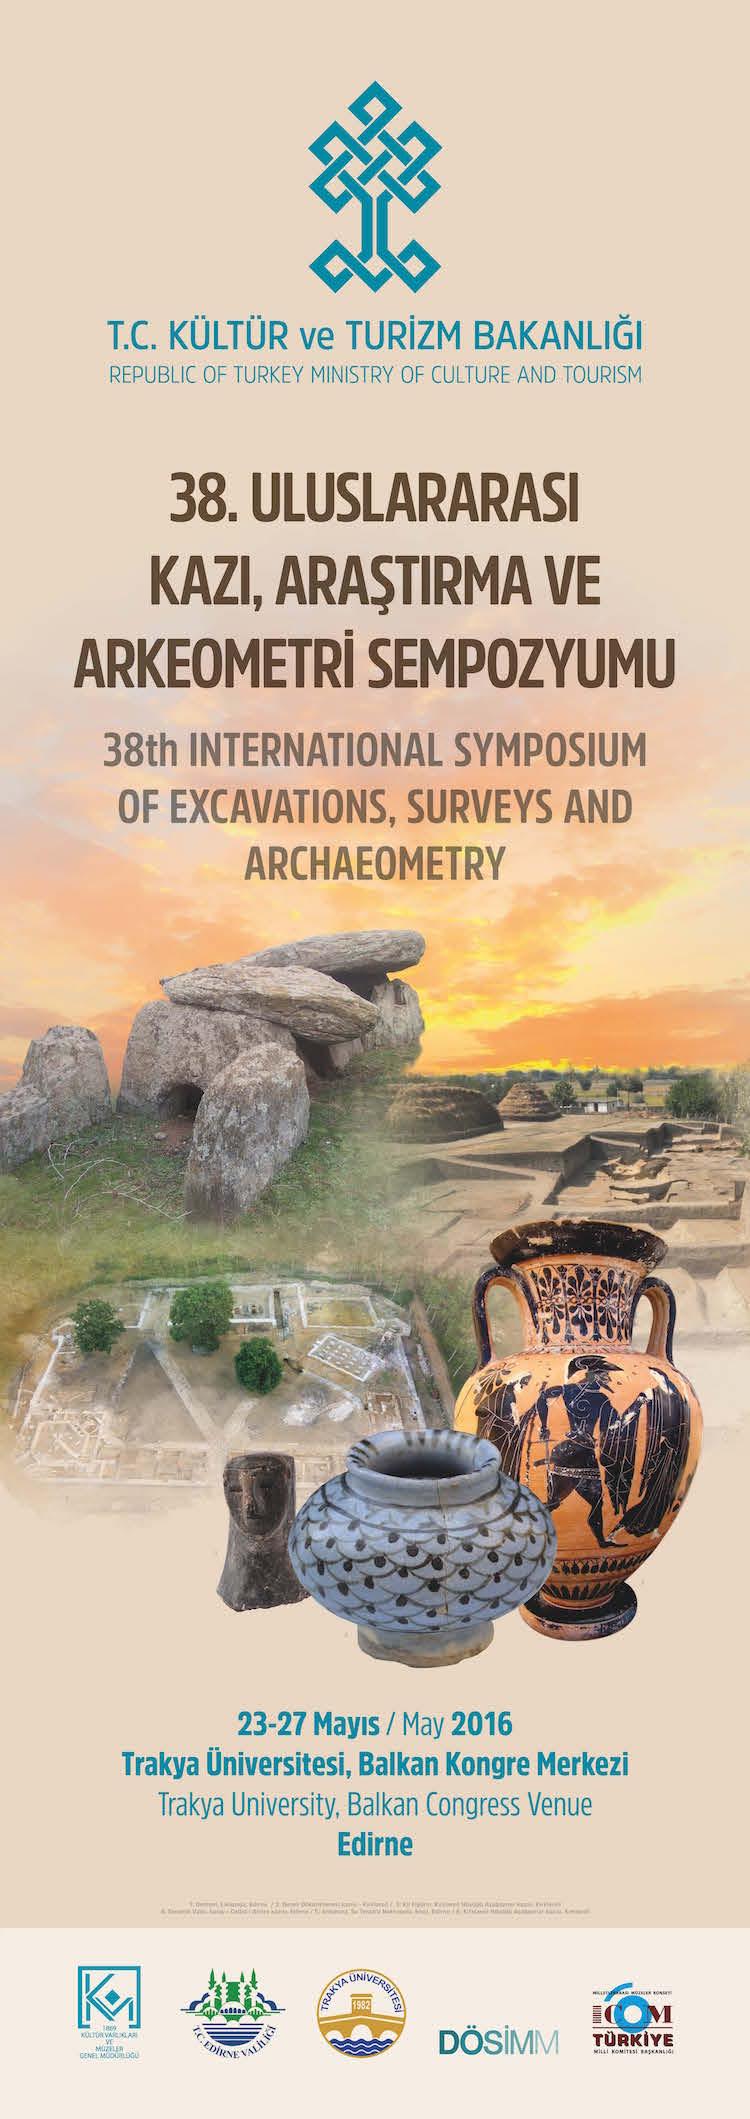 38. Uluslararası Kazı, Araştırma ve Arkeometri Sempozyumu Programı Açıklandı